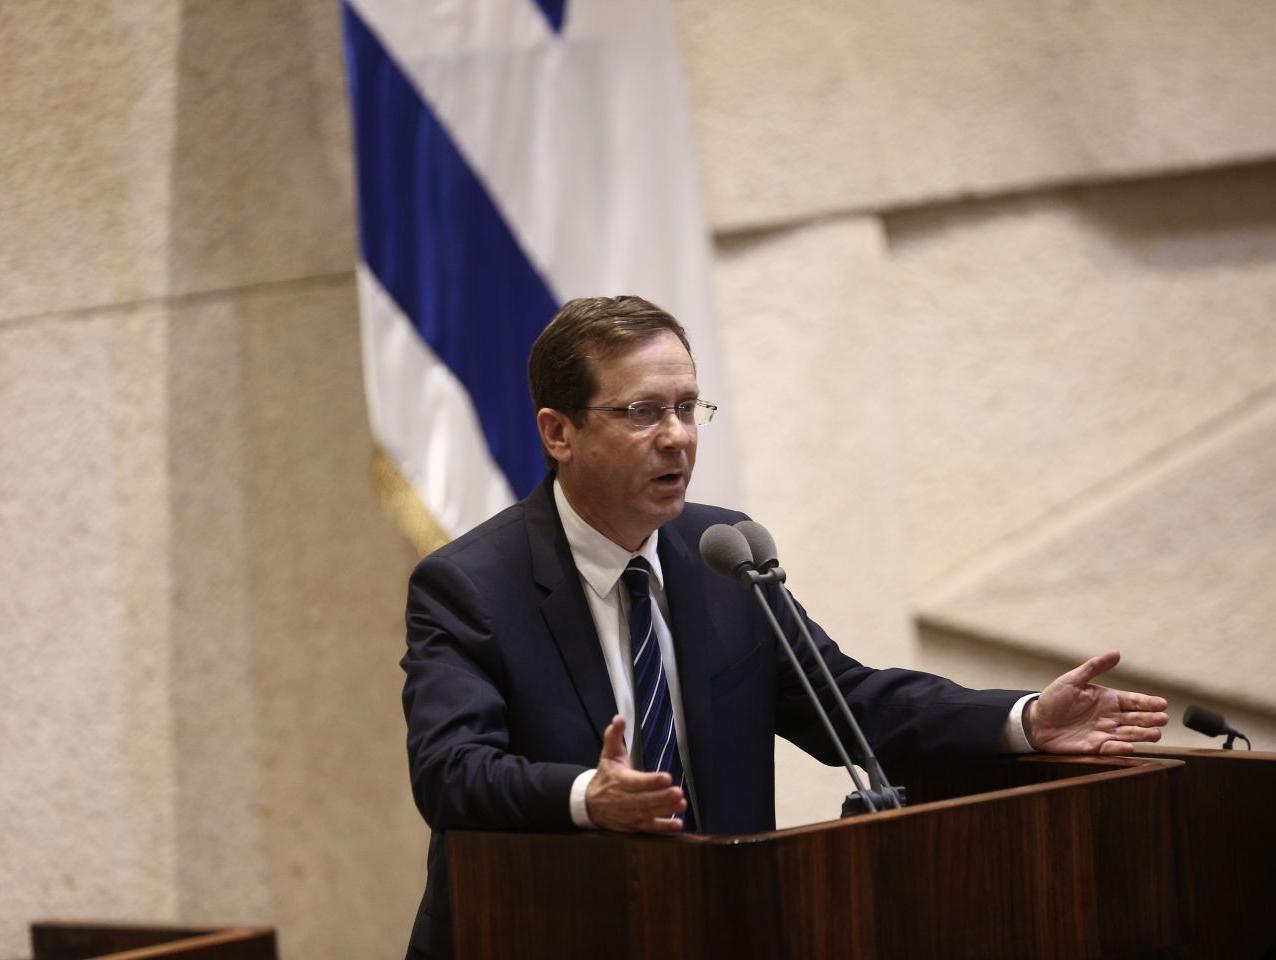 ועדת המינויים של הסוכנות היהודית בחרה בהרצוג ליו